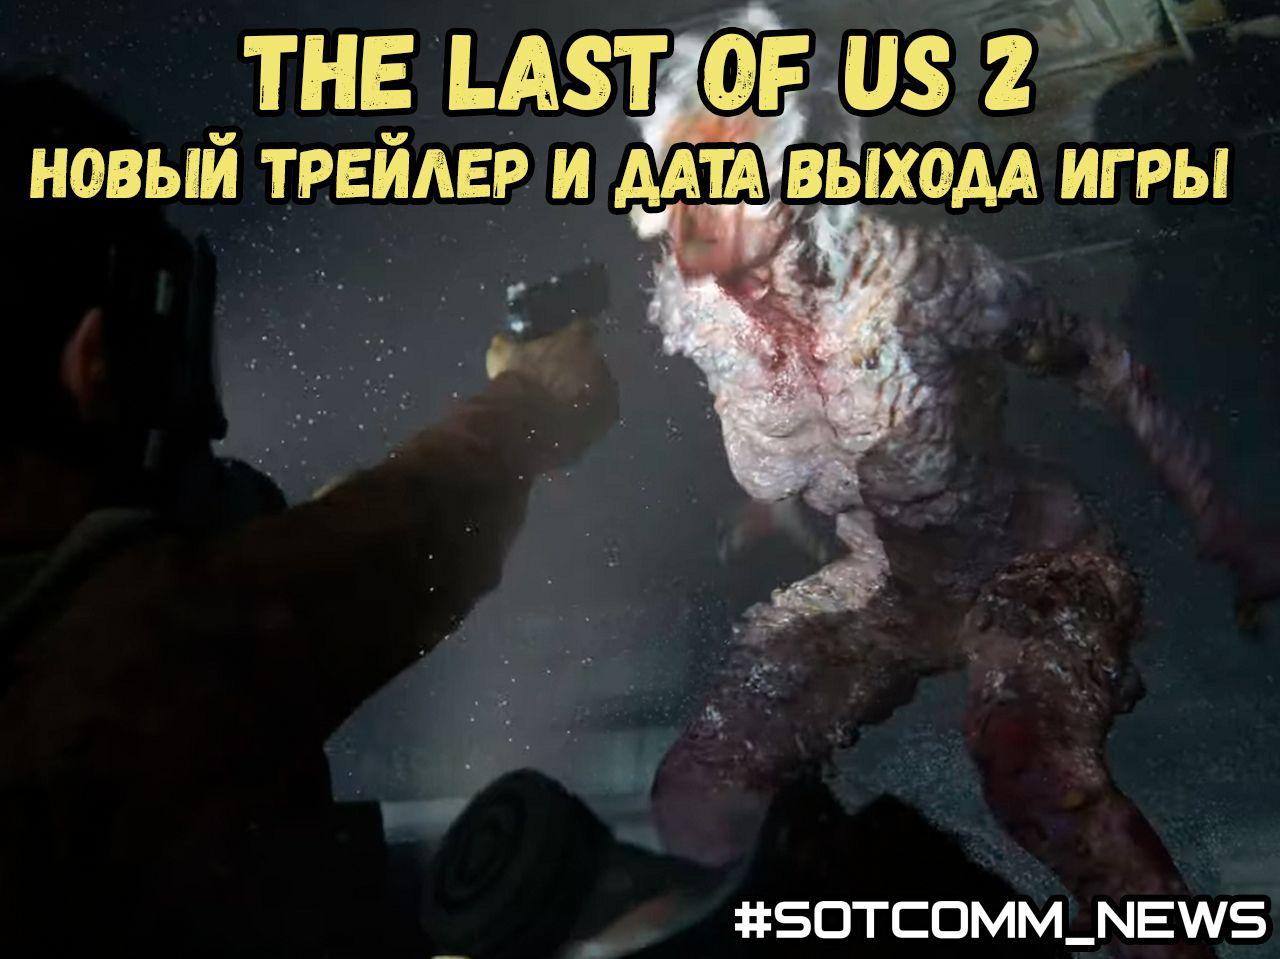 The Last of Us 2 — новый трейлер и дата выхода игры